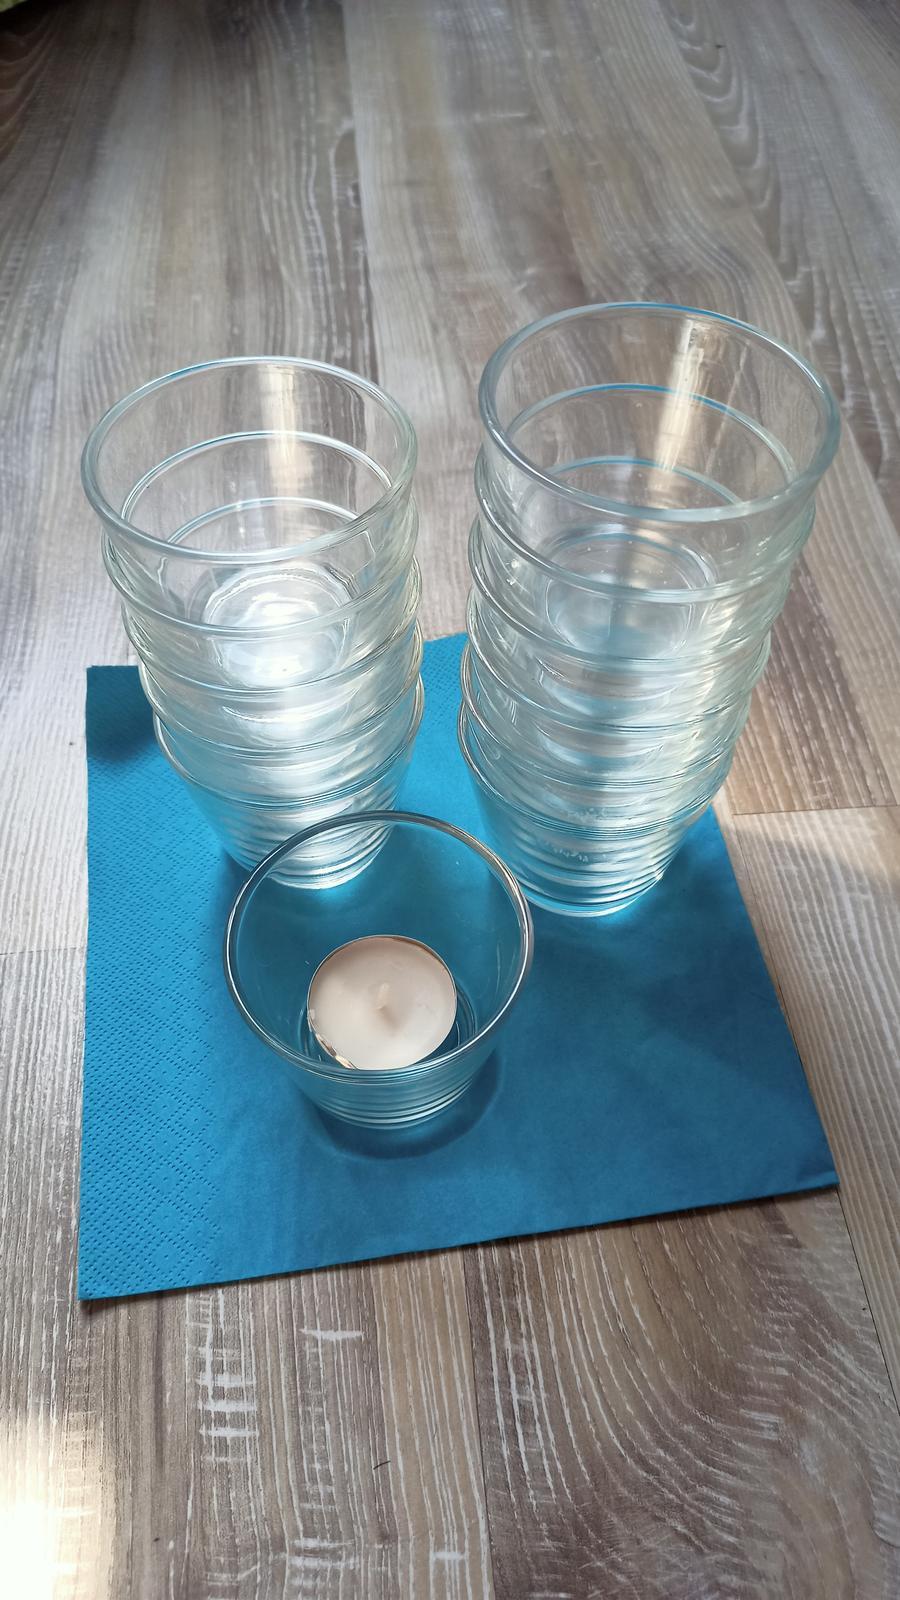 Svícen na čajové svíčky - Obrázek č. 1